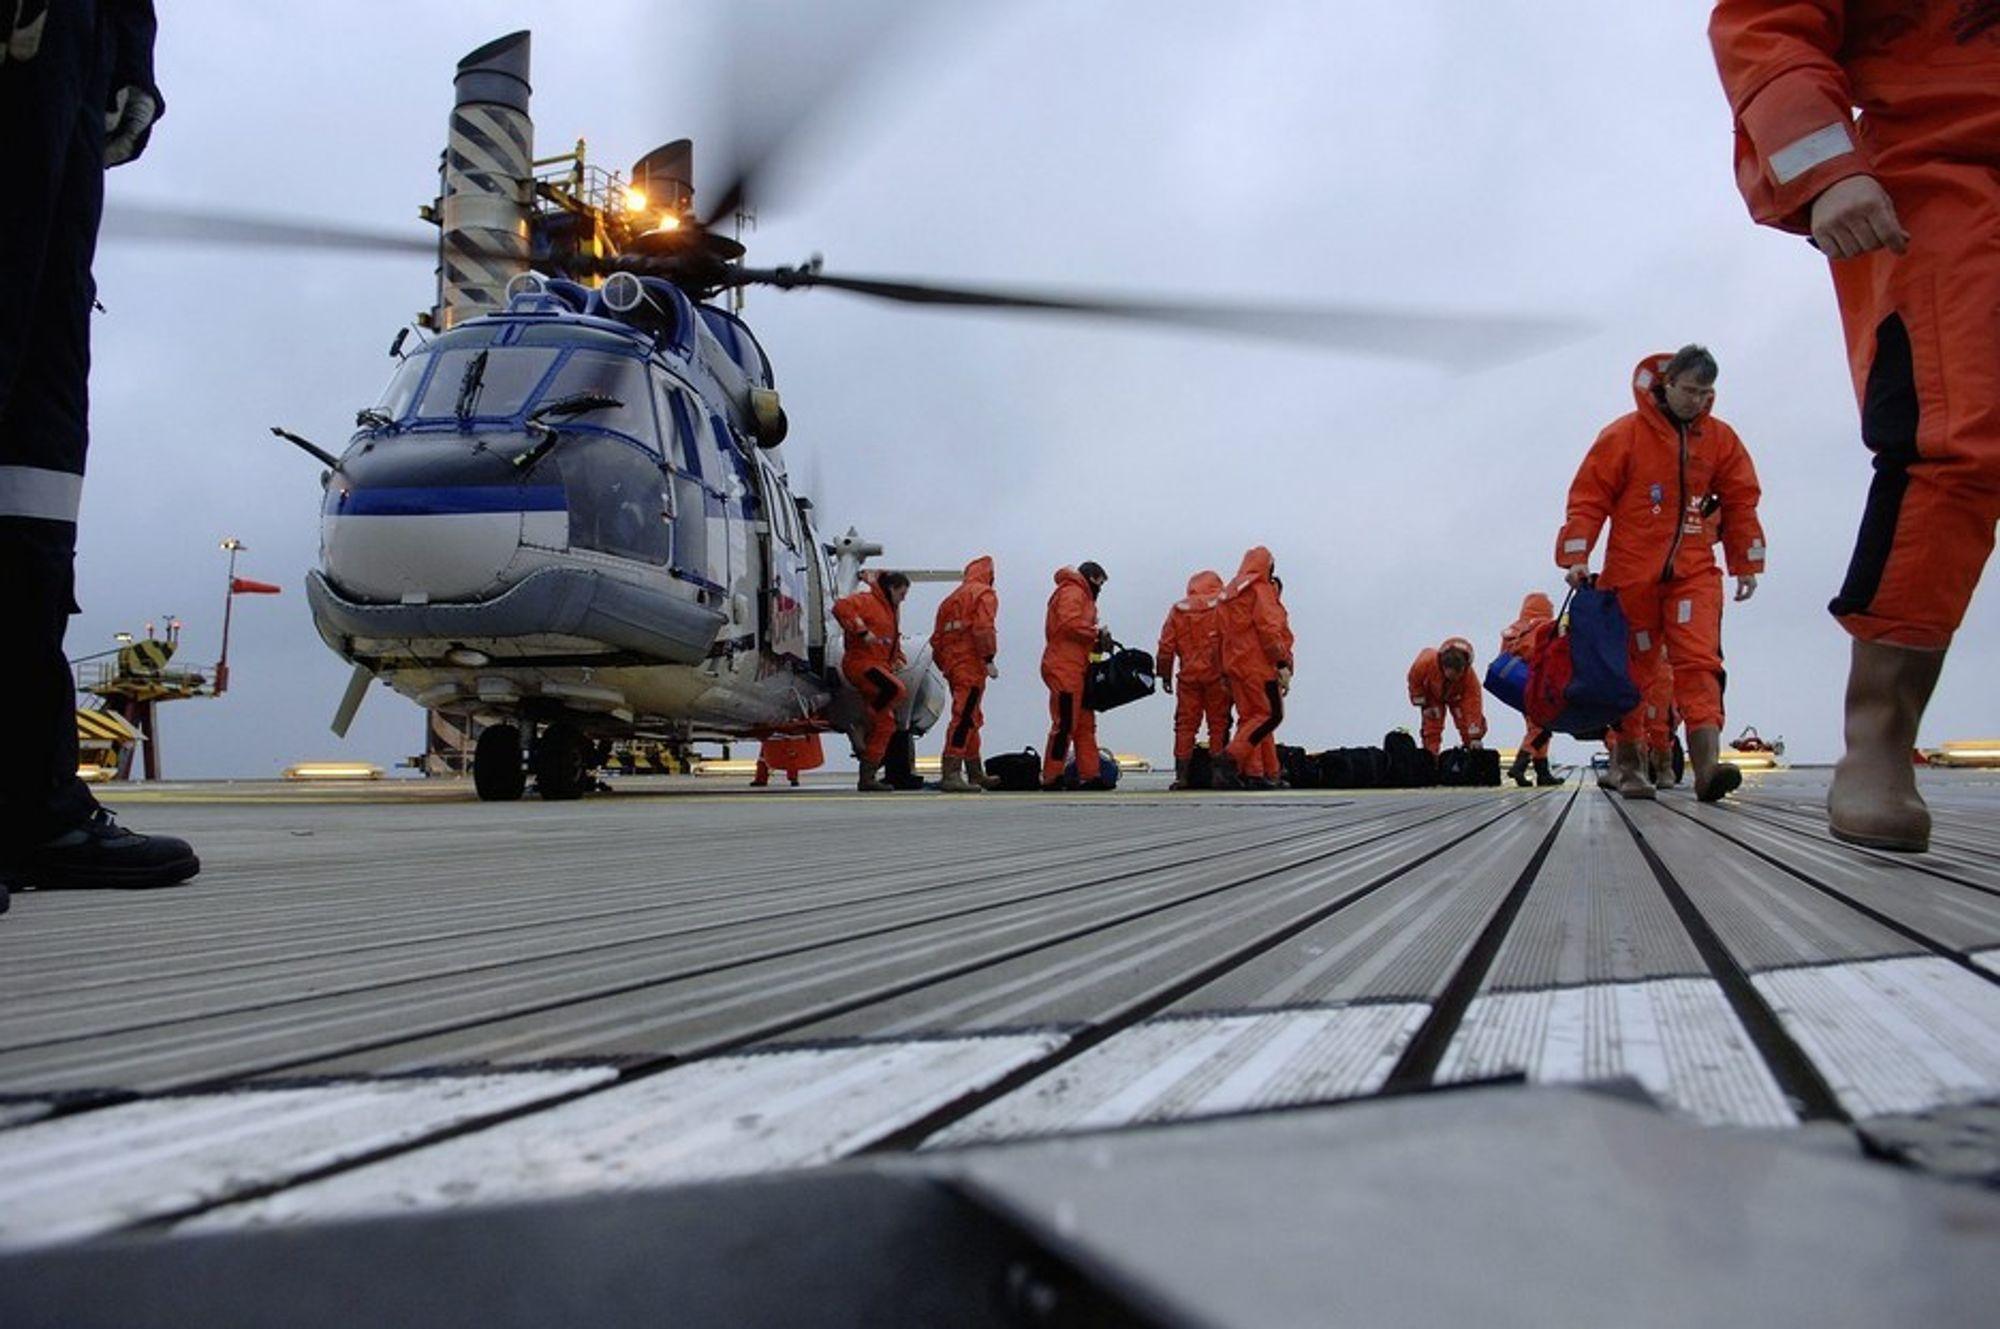 RISIKO: Helikoptertransport har tradisjonelt sett vært den største risikofaktoren for oljearbeidere, men det blir stadig tryggere å fly.